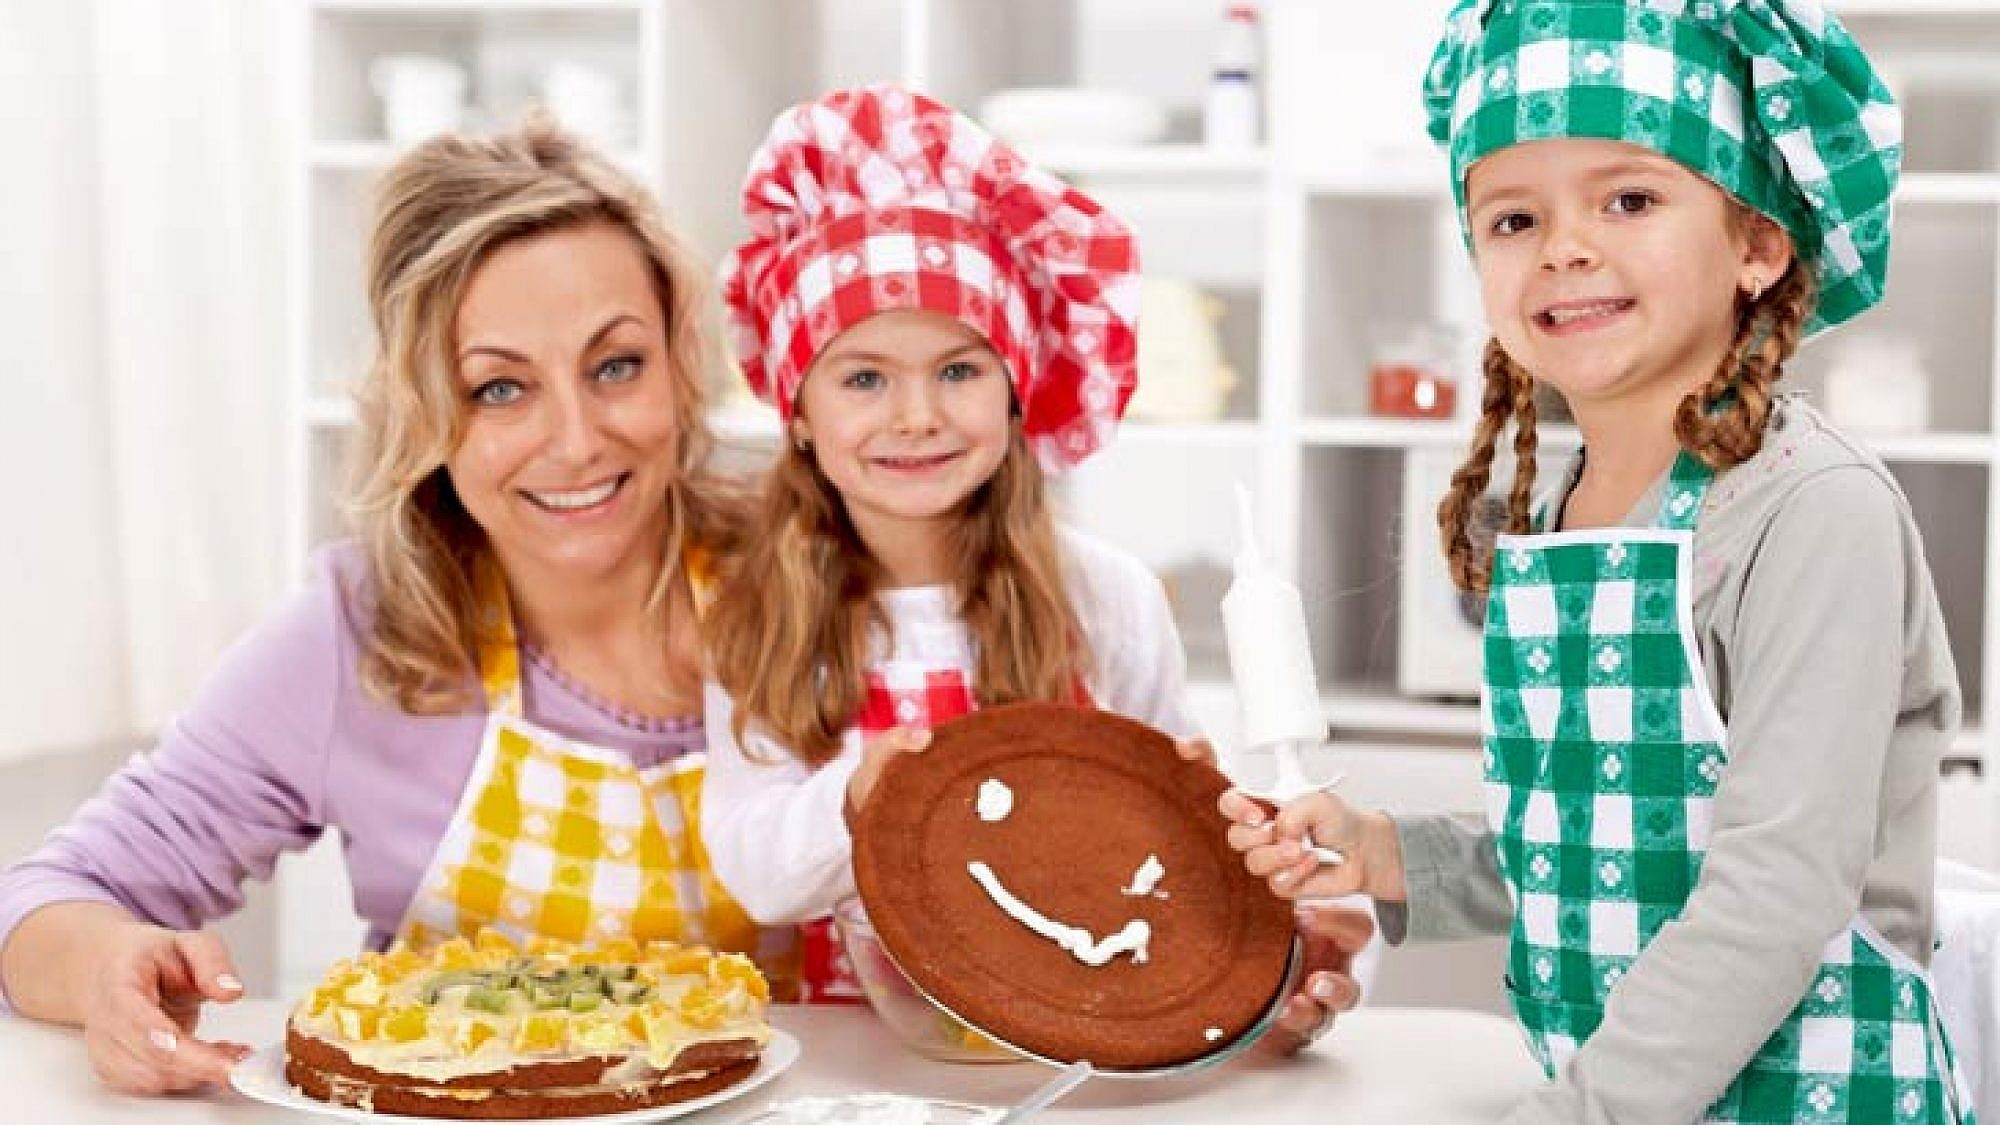 כשהילדים שותפים בהכנת אוכל יש סיכוי גדול יותר שהם יסכימו לנסות לאכול דברים חדשים | צלם: א.ס.א.פ קריאייטיב |   Ilike ,shutterstock